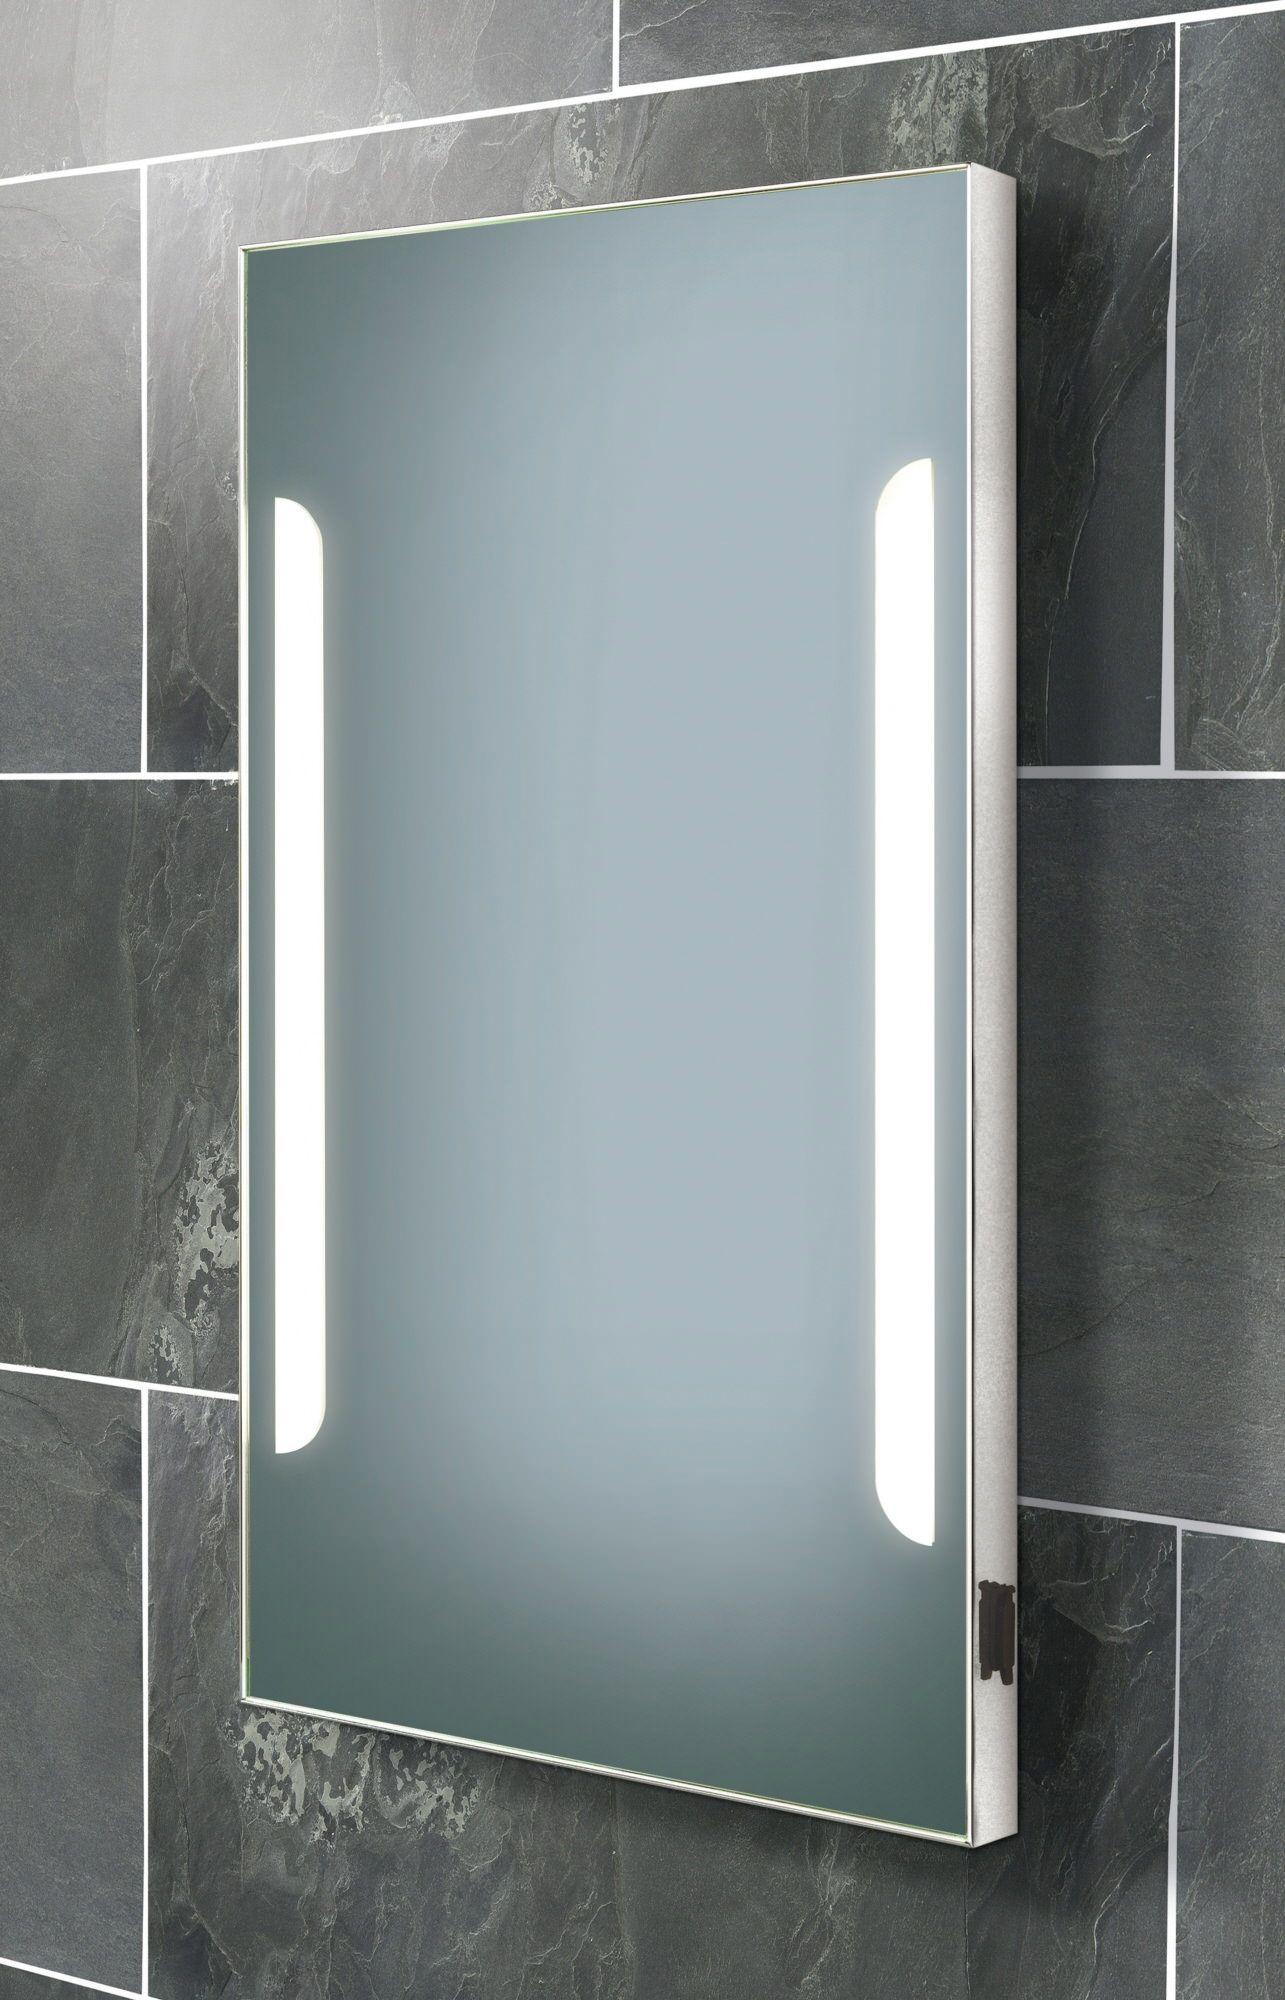 Bathroom Mirror Light With Motion Sensor Shaver Socket